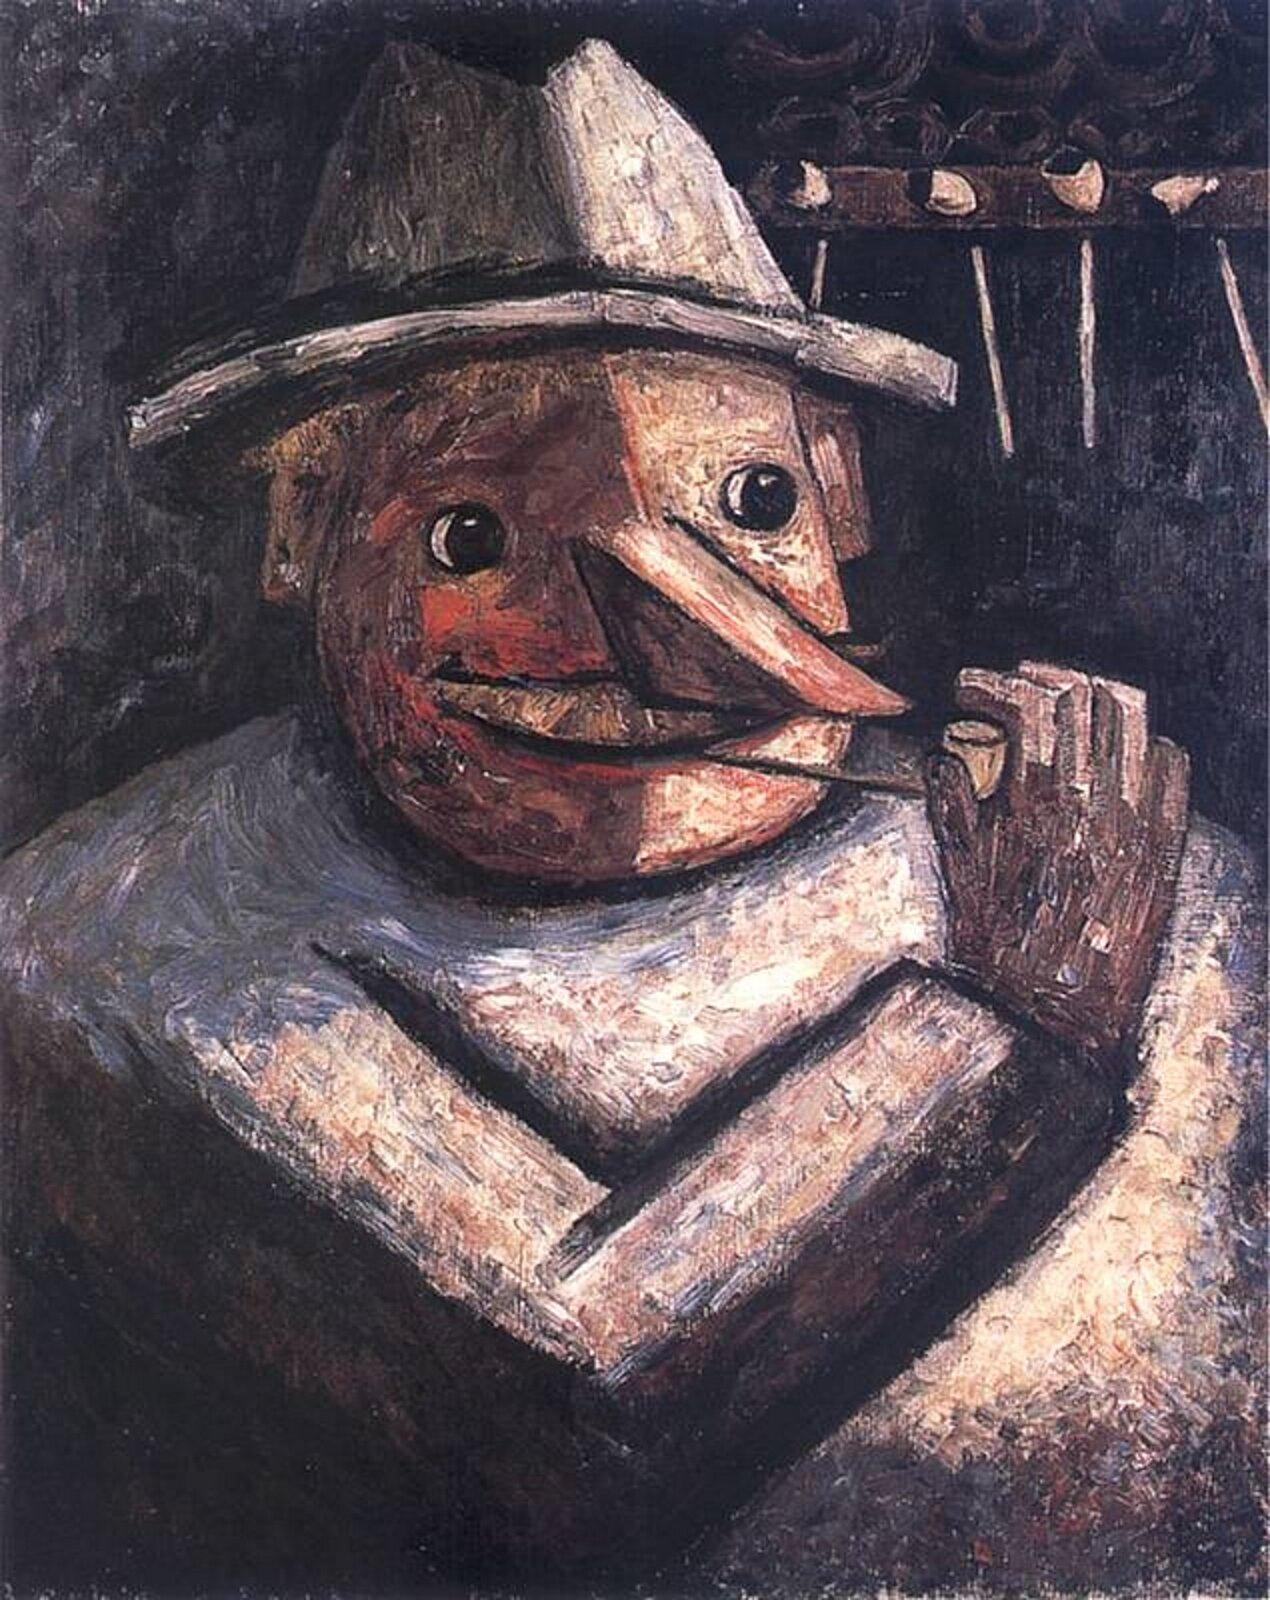 """Ilustracja przedstawia obraz pt. """"Portret męski zfajkami"""" autorstwa Tadeusza Makowskiego. Dzieło ukazuje ciężką, klocowatą postać mężczyzny, zdługim nosem inakryciem głowy. Mężczyzna pali fajkę. Po prawej stronie jego głowy widać cztery wiszące na ścianie fajki."""